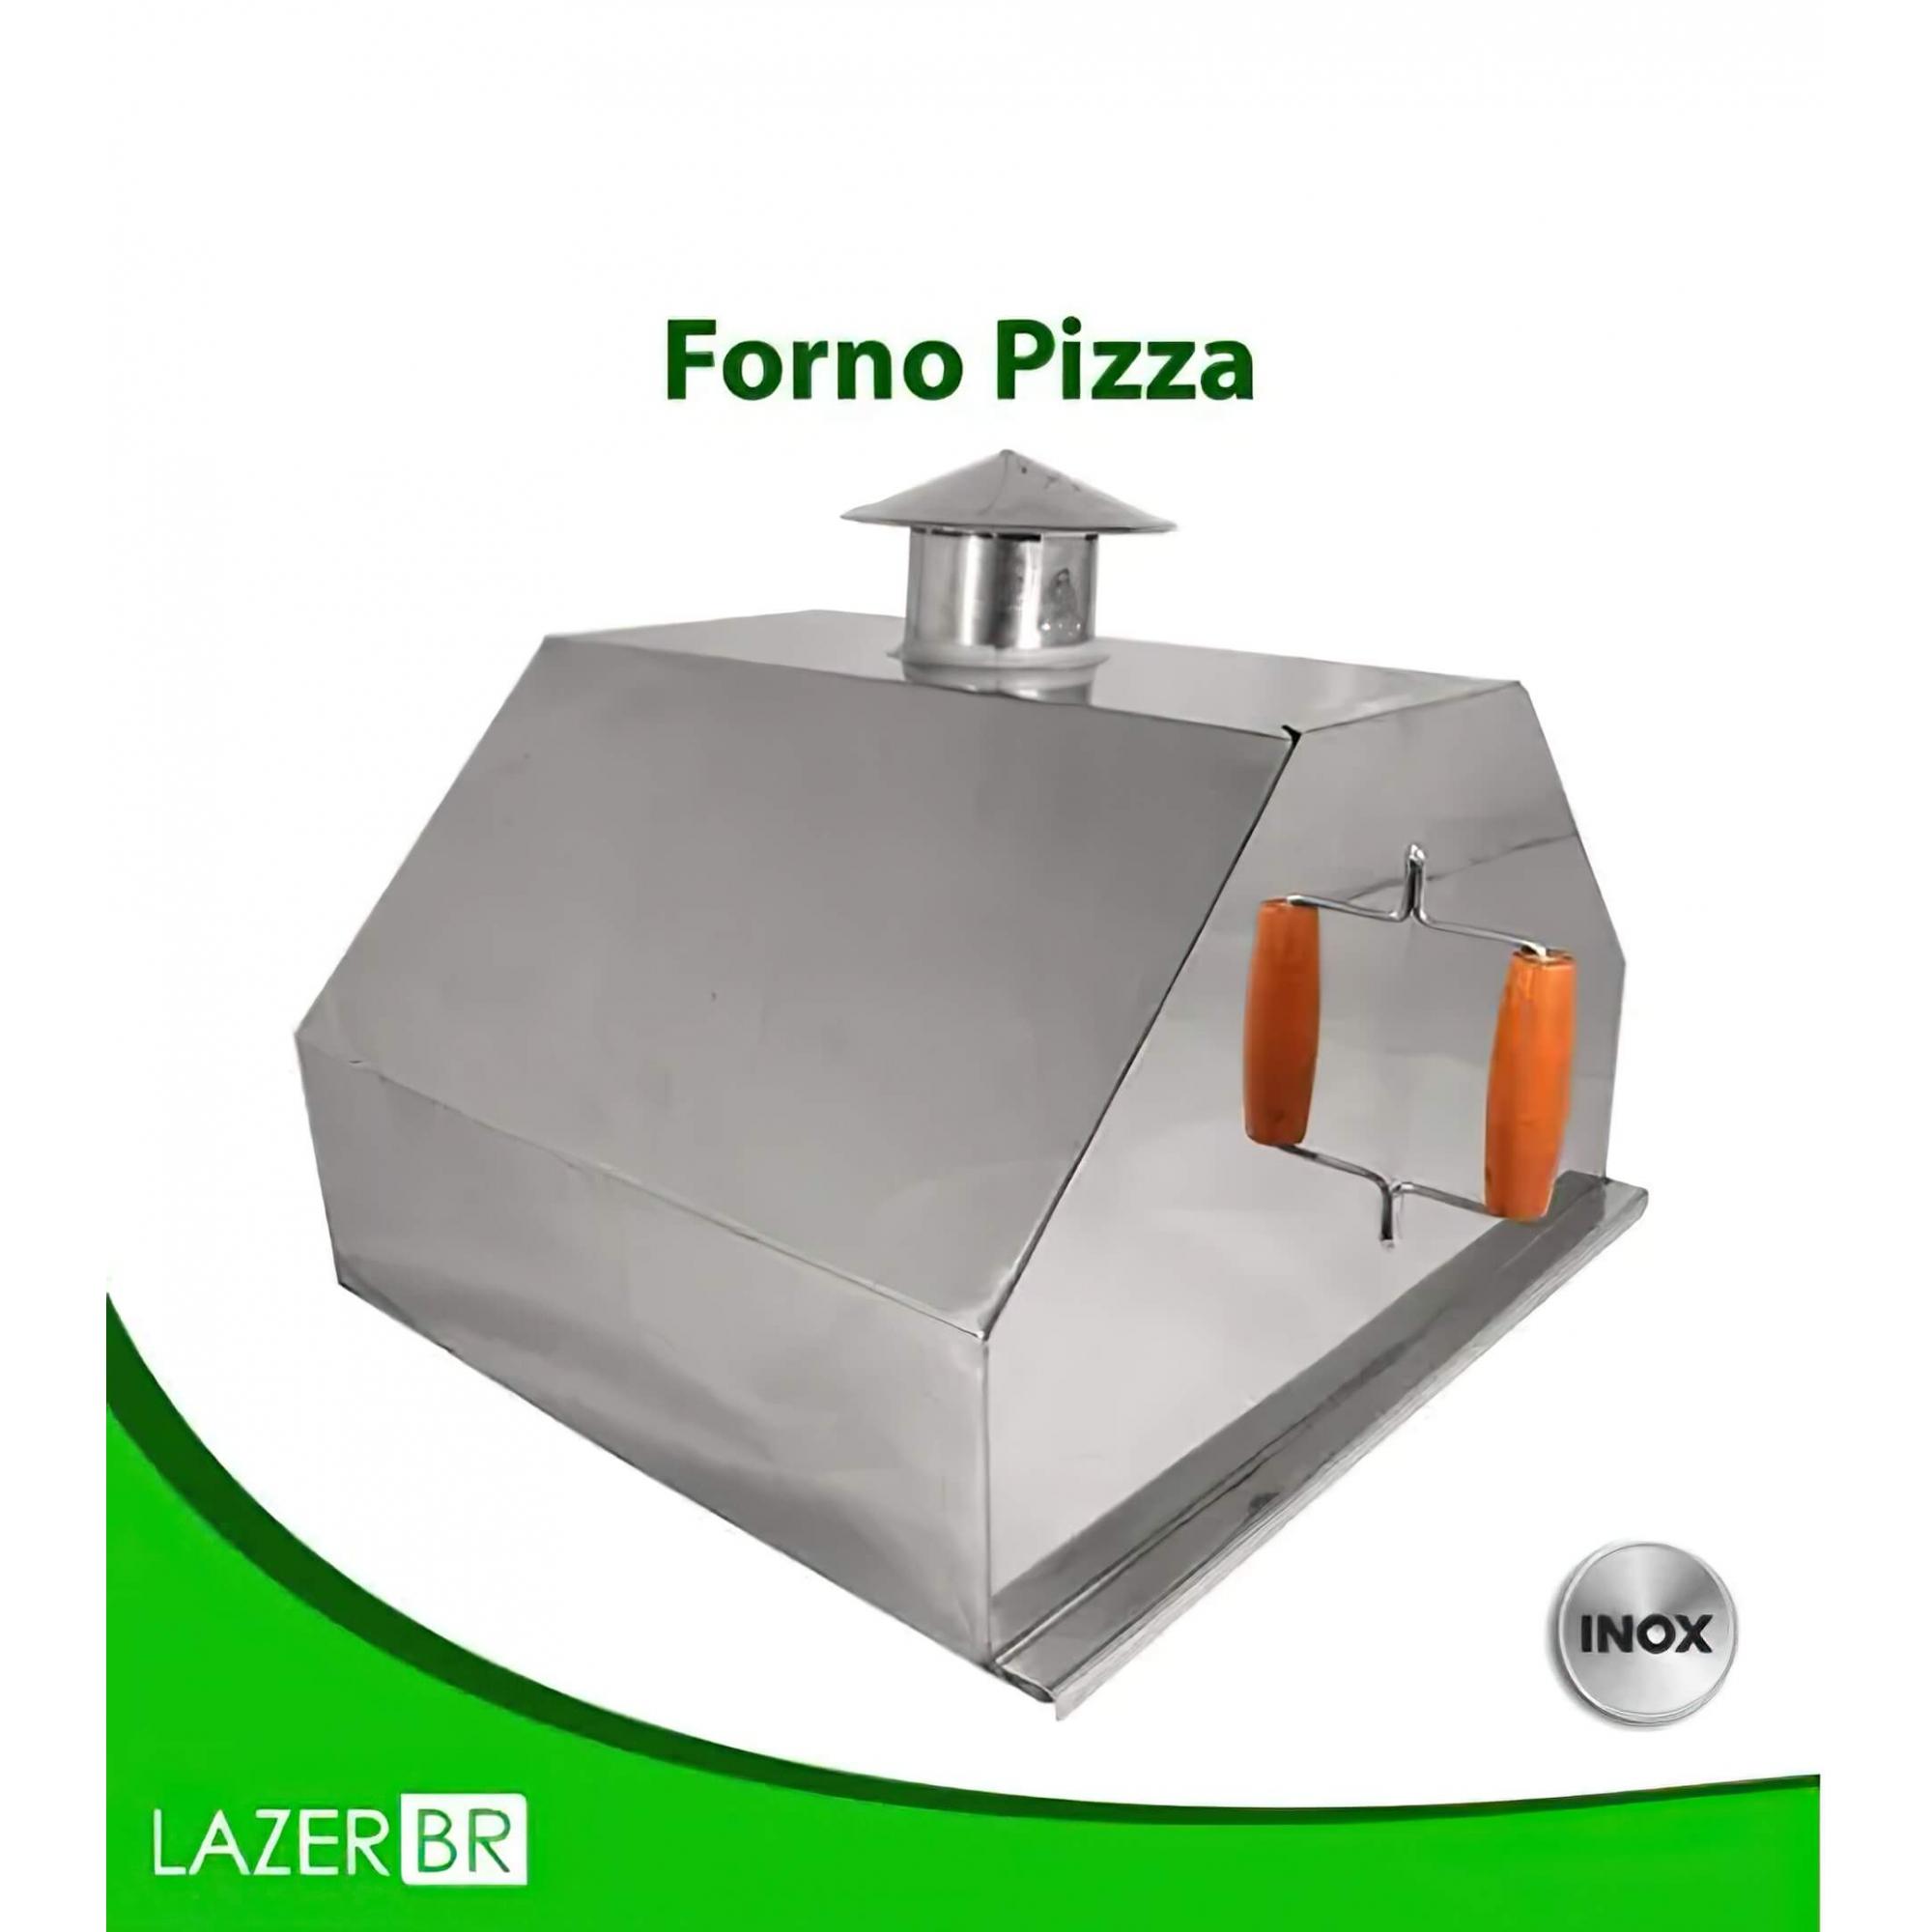 Forno de Pizza para Churrasqueira ou Braseiro Inox